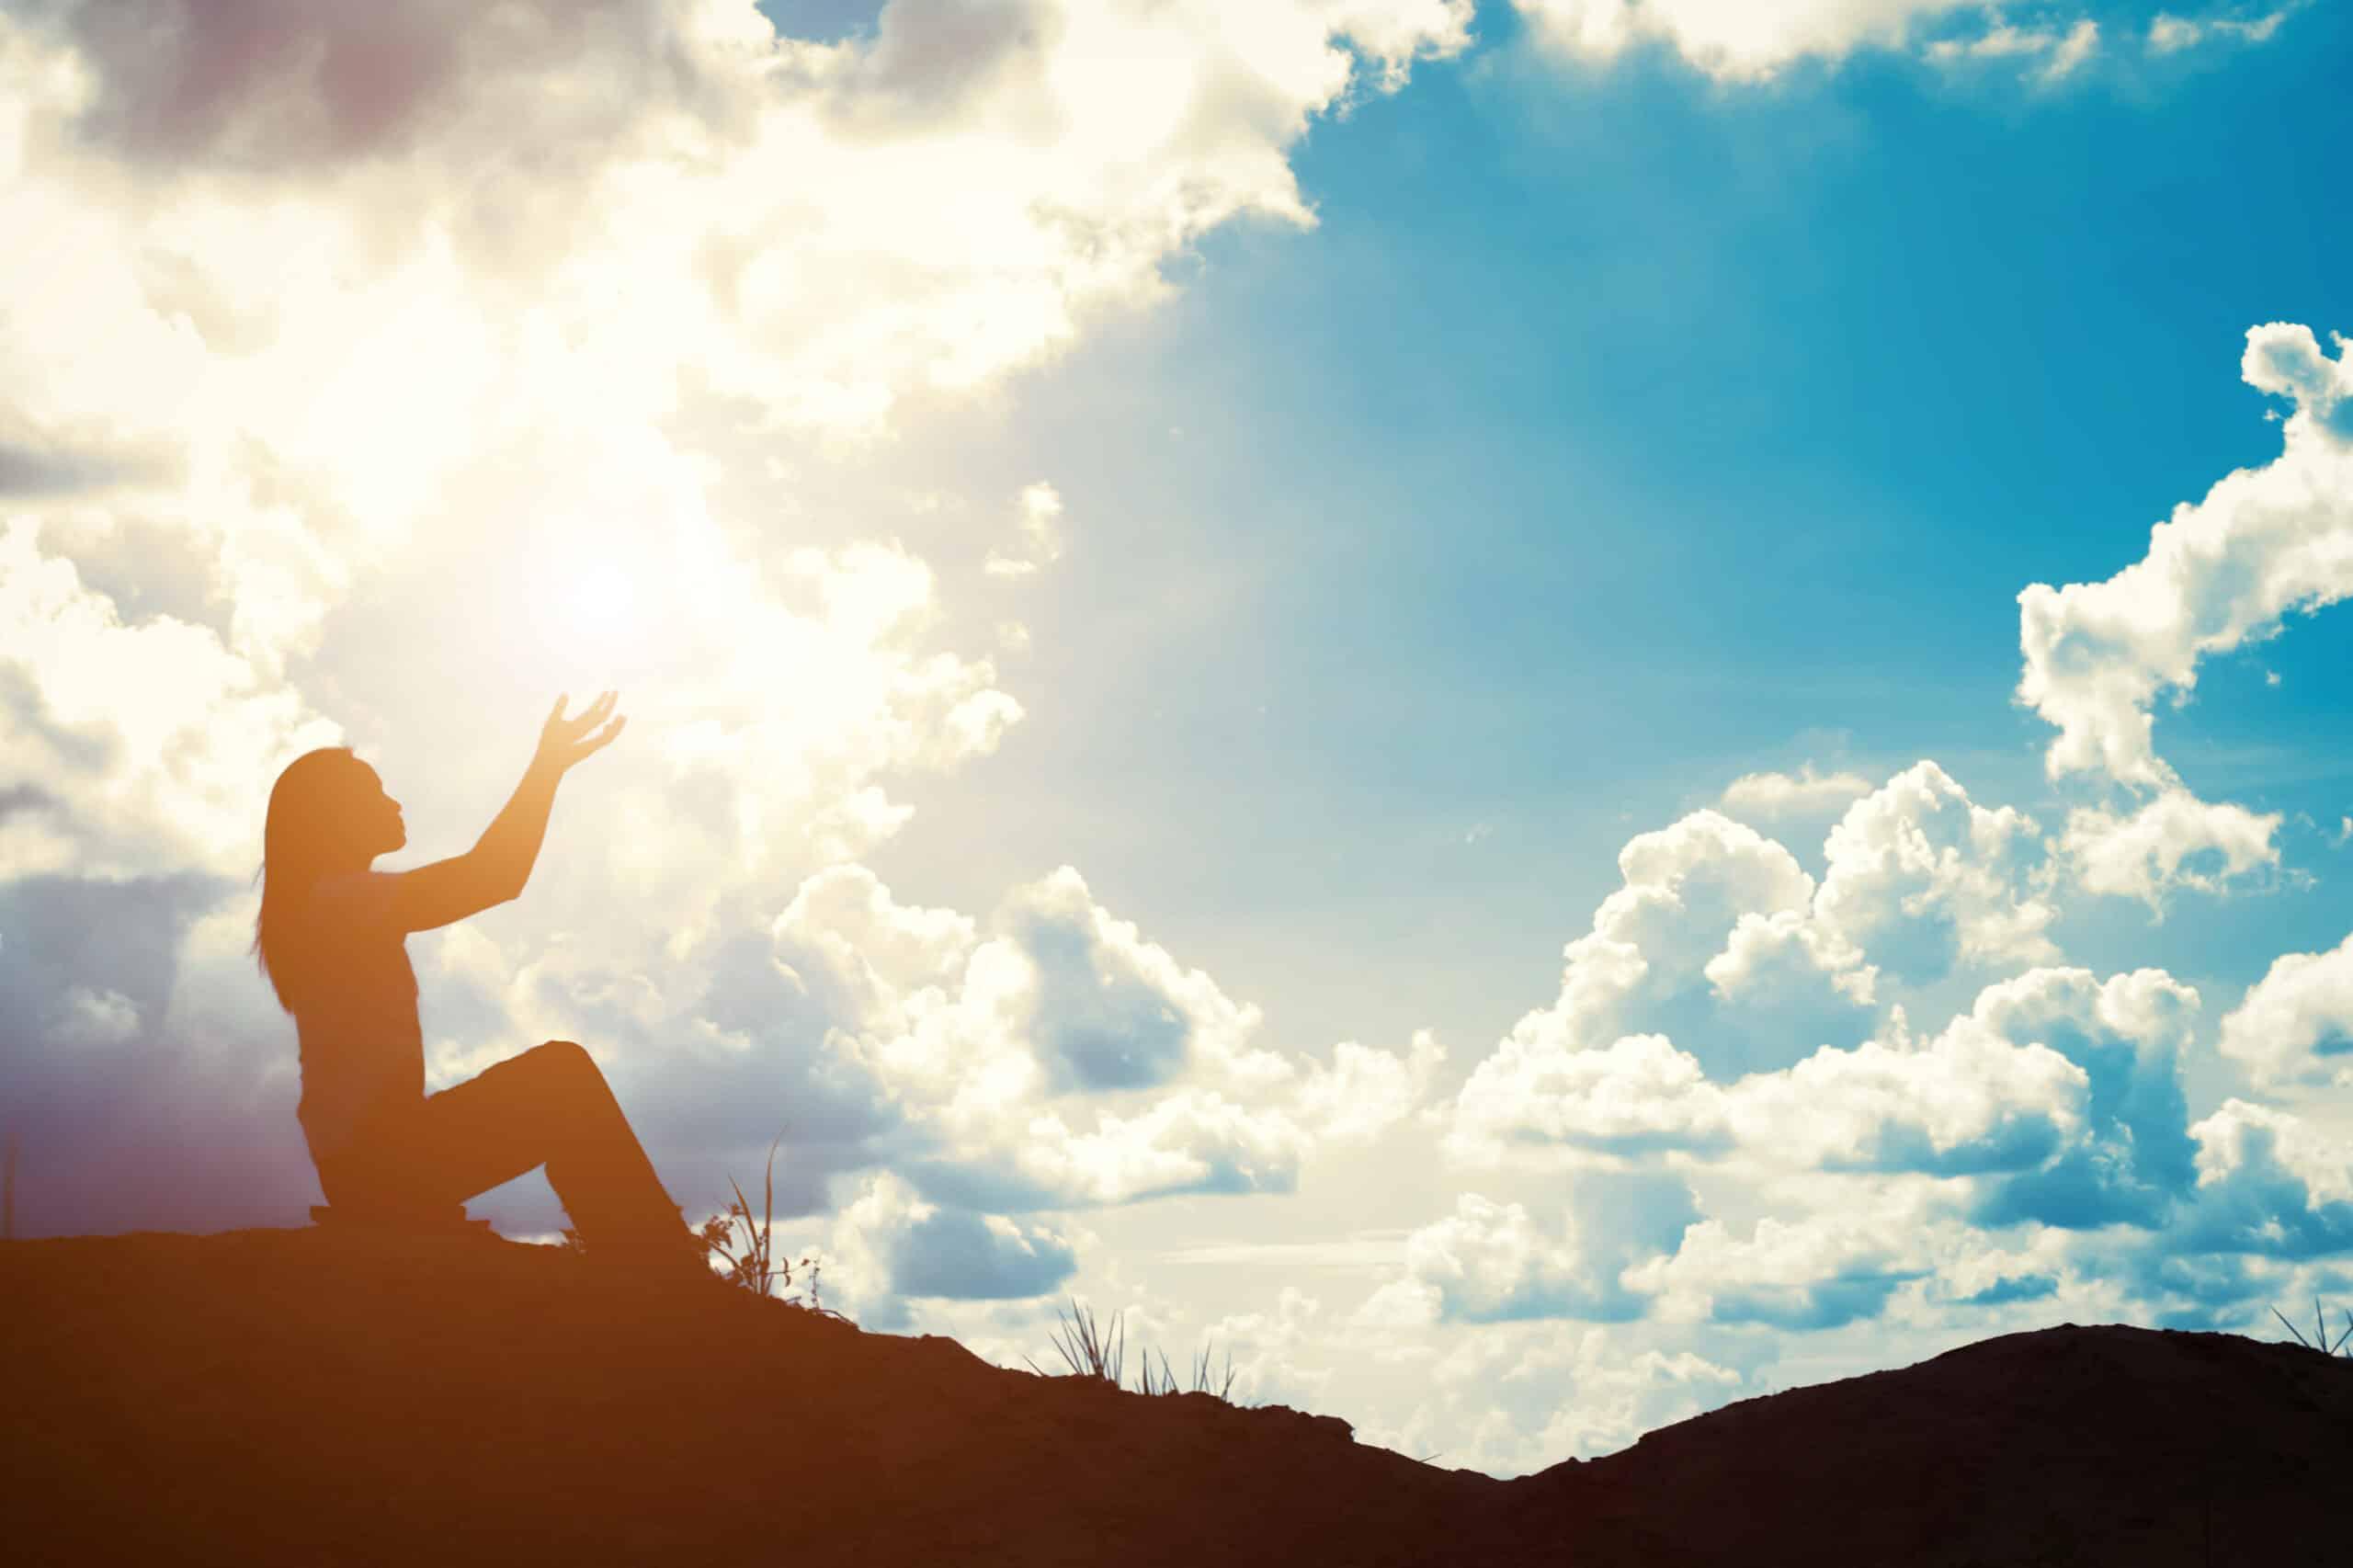 Πώς να Αλλάξεις τις Περιοριστικές σου Πεποιθήσεις!